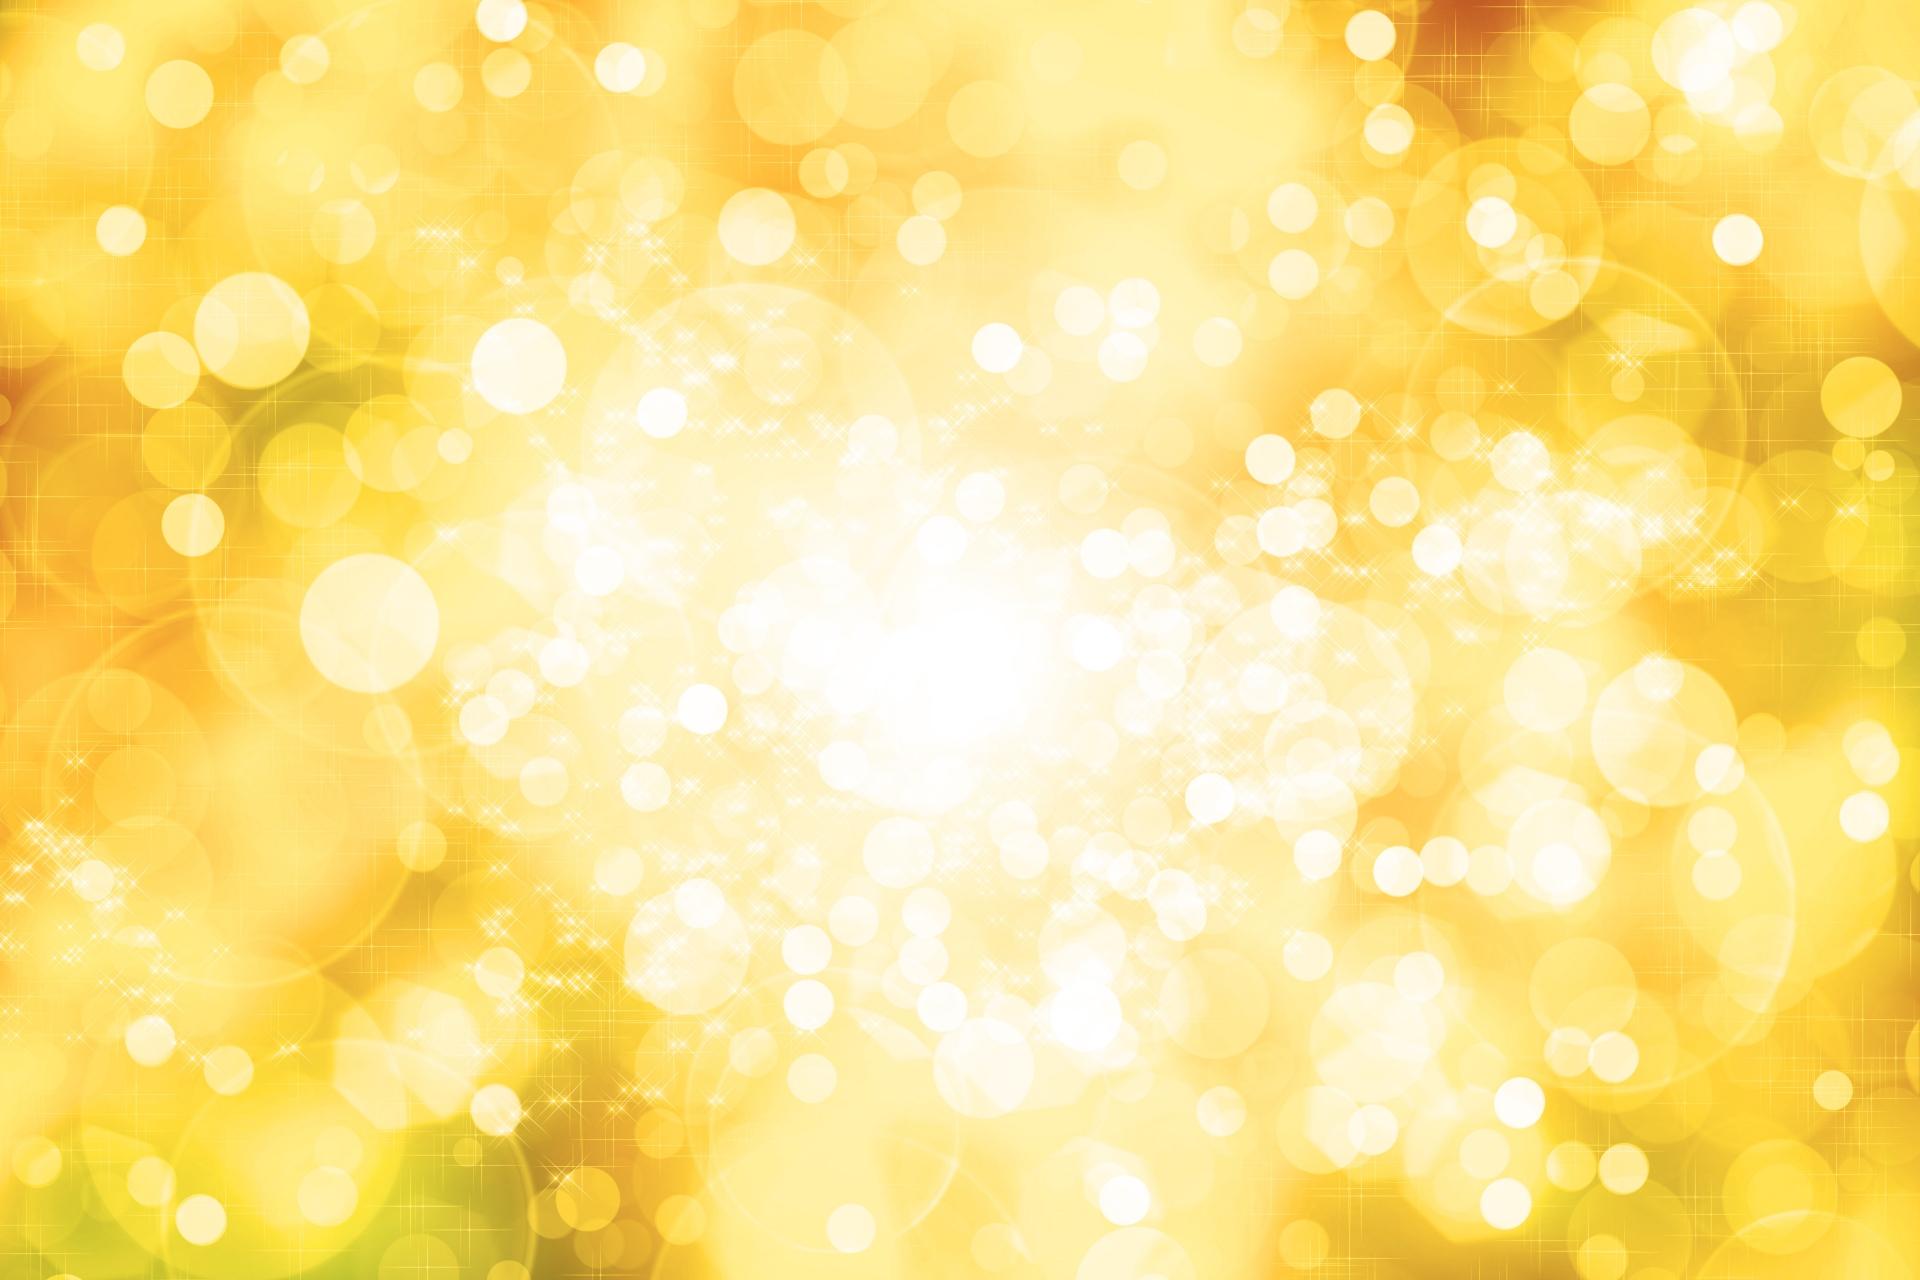 ゴールドのイメージ画像